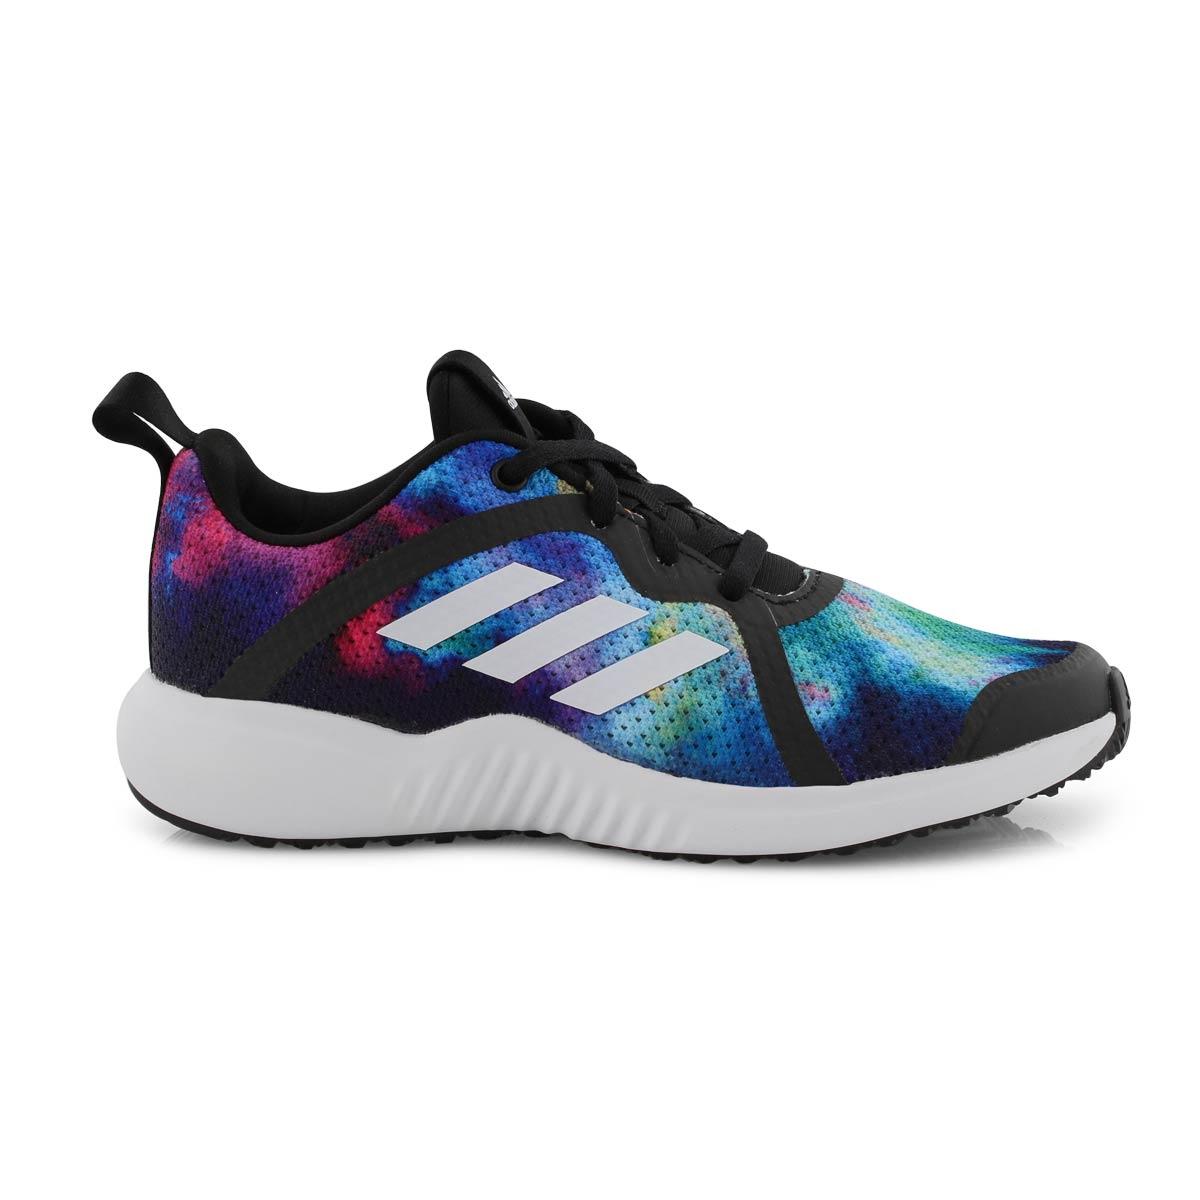 Grls FortaRun X K blk/mlti/wht sneaker